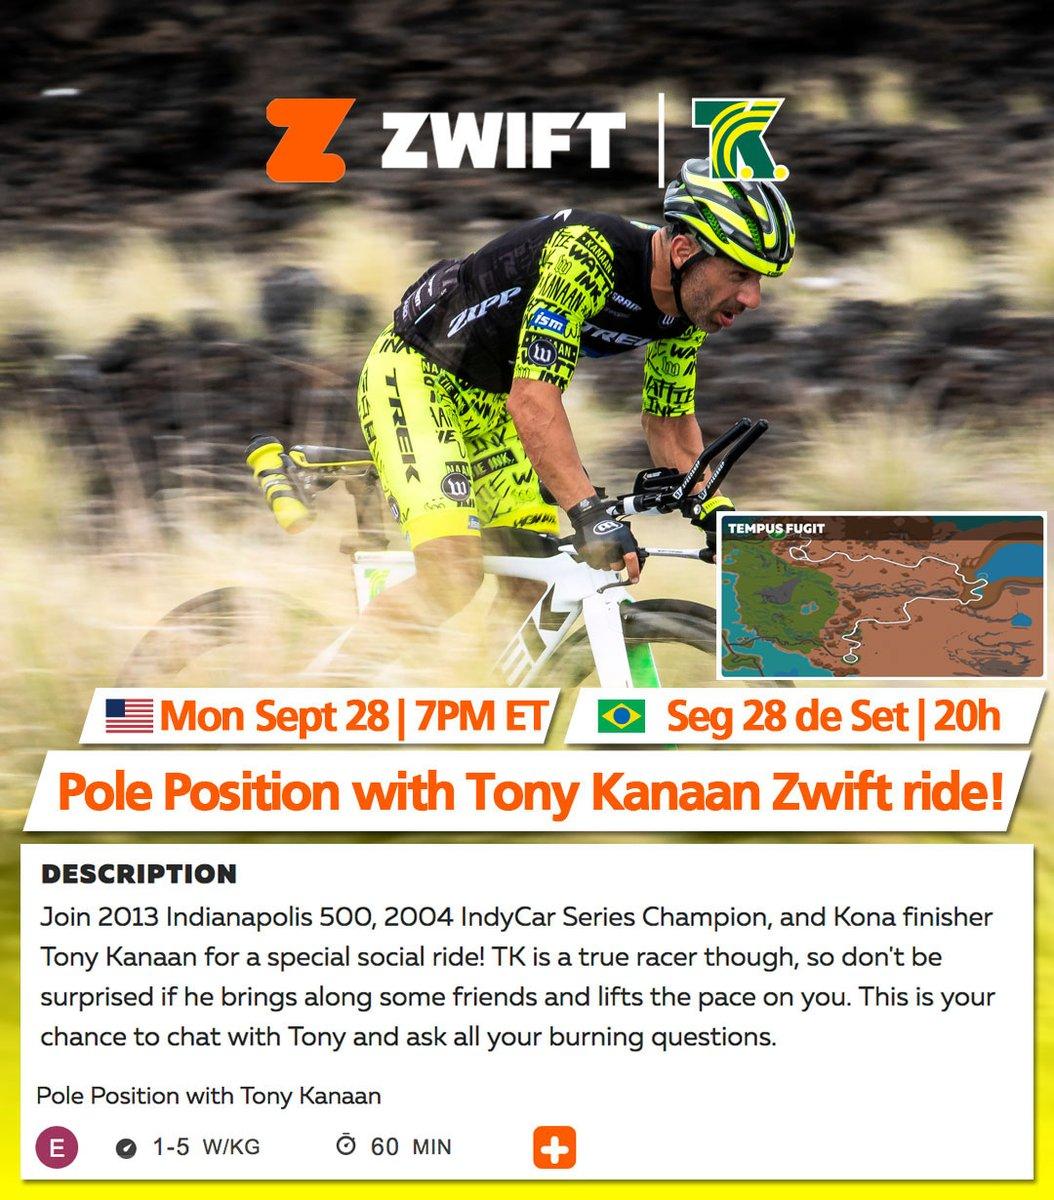 🇧🇷 🗓 ⏰ ➡️ Segunda é dia de pedal no @GoZwift! Vamos lá, hoje, 20h do 🇧🇷 tem nosso ride no @GoZwift @GoZwiftTri. Encontre o ride no Companion app ou pelo 👉🏻 https://t.co/qZ9yDqbYGh #GoZwift https://t.co/uGVFexVG7f